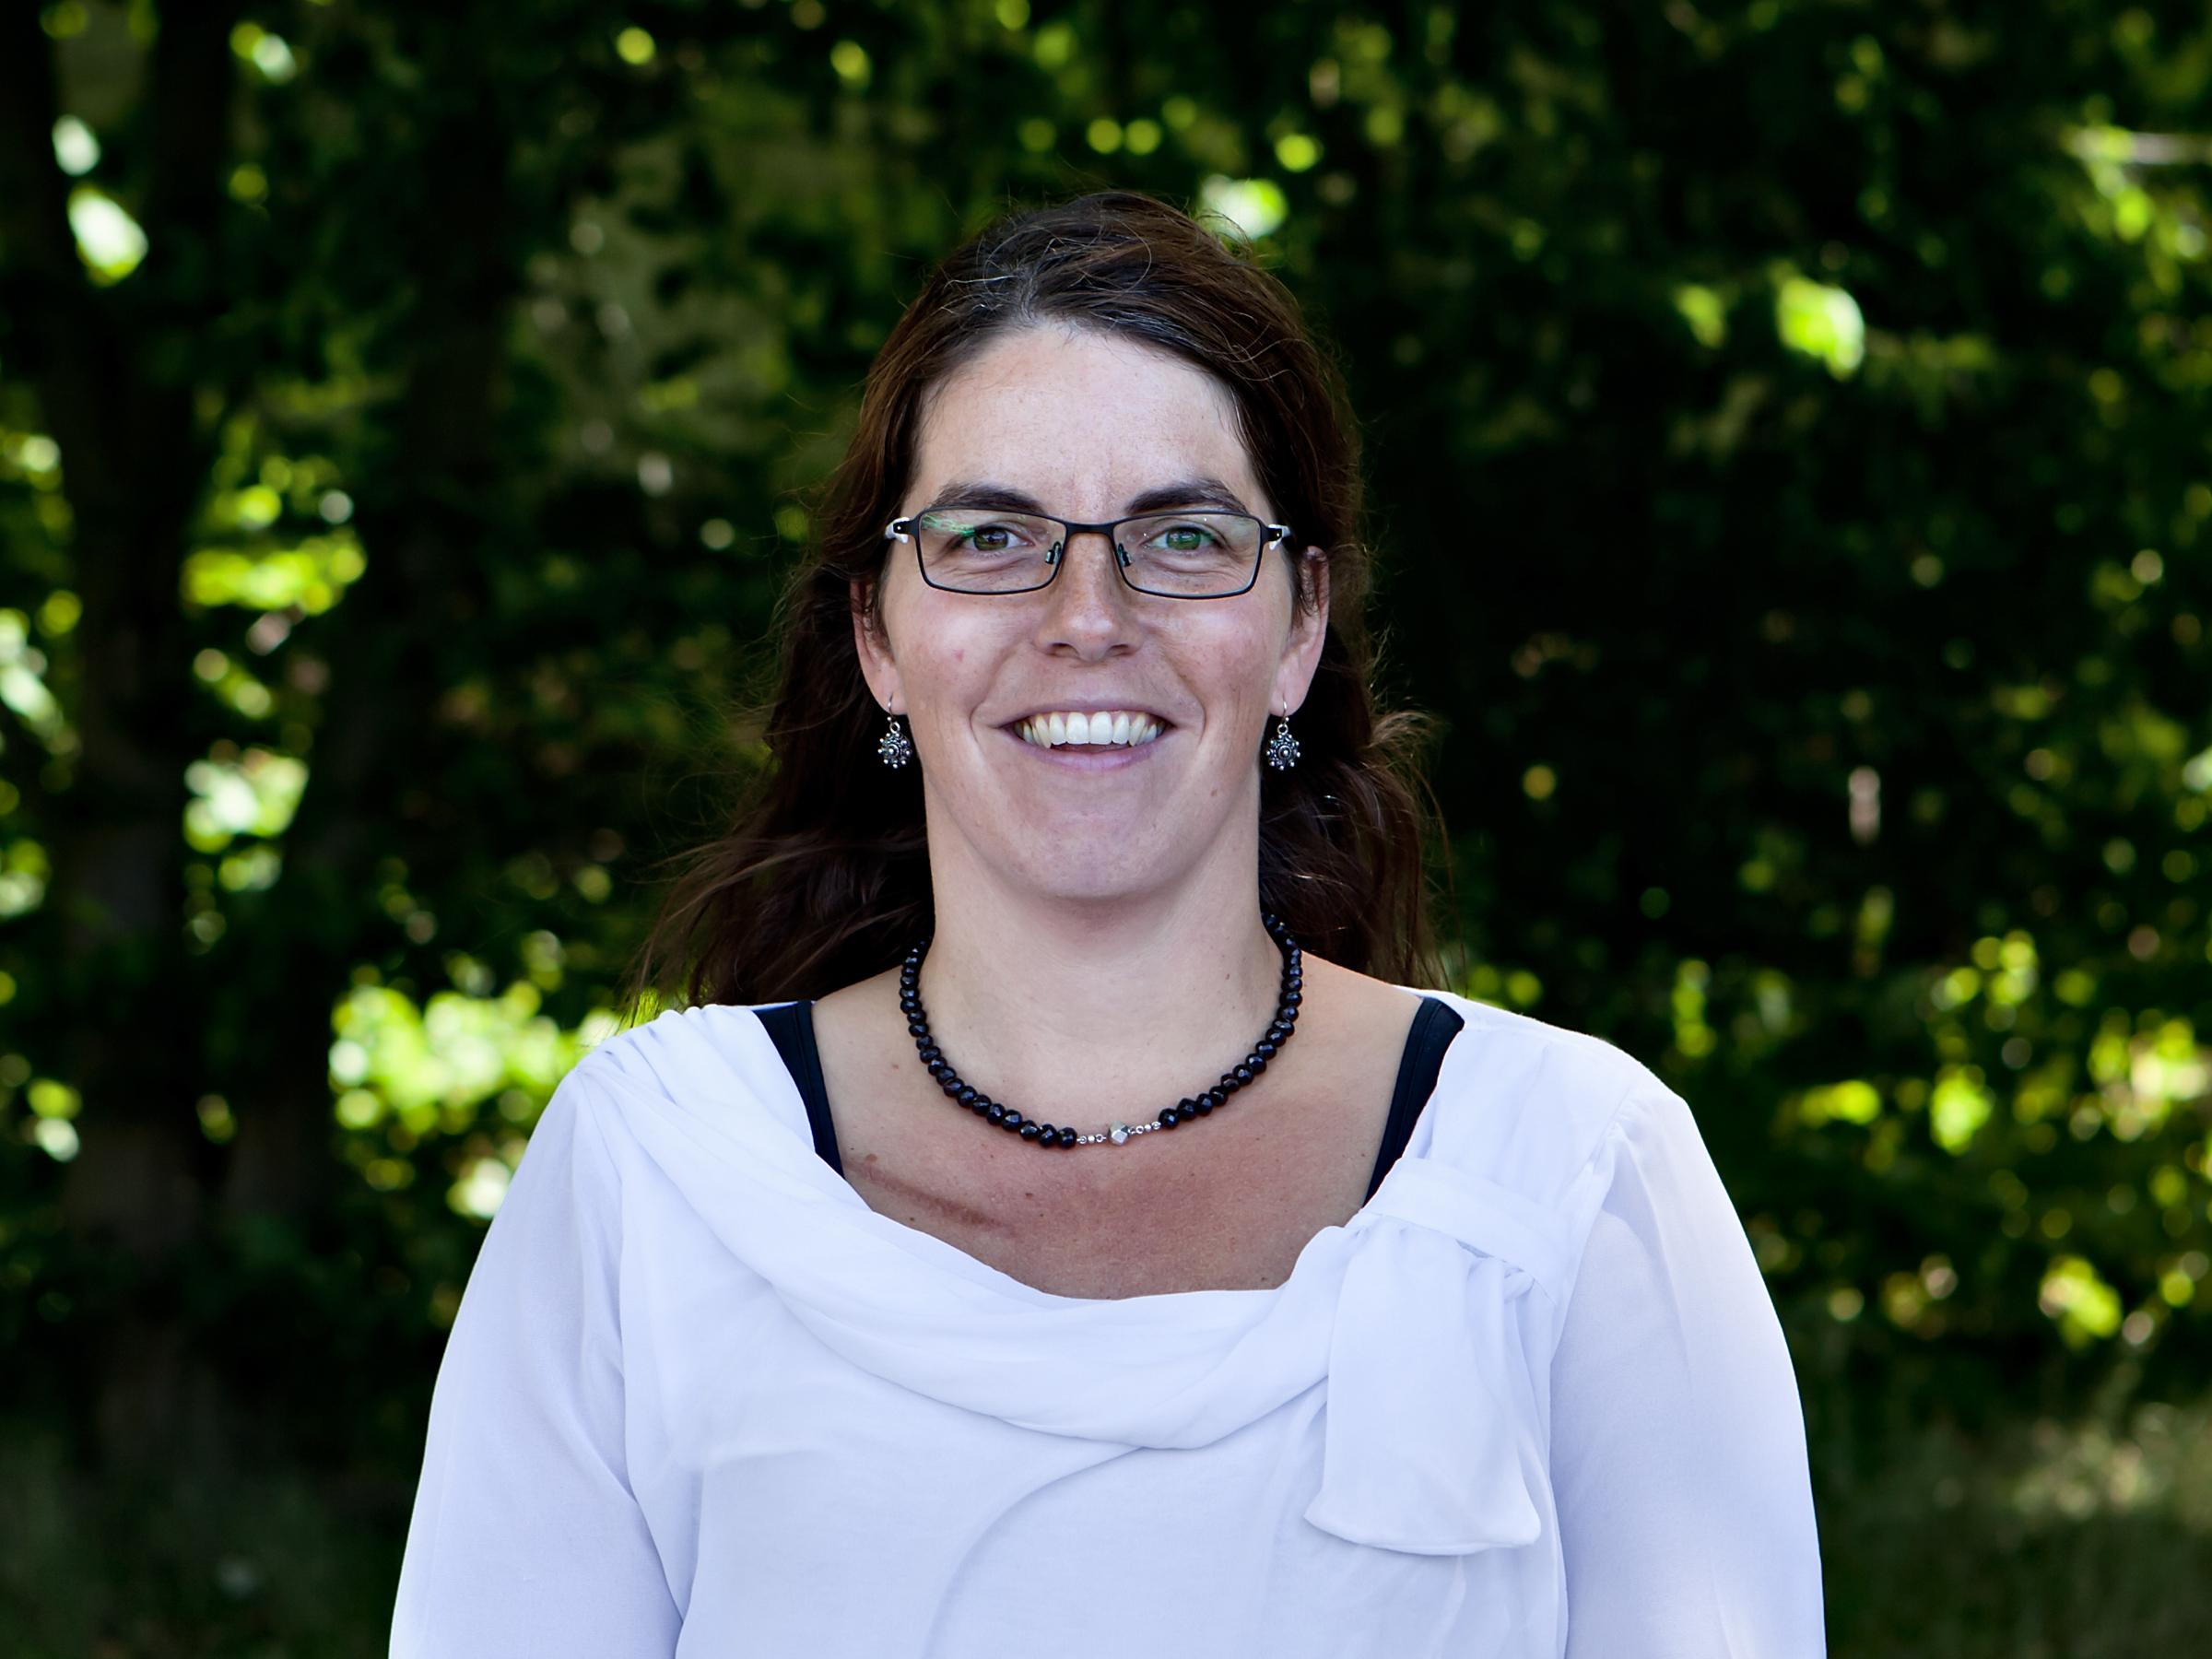 Linette Lievense